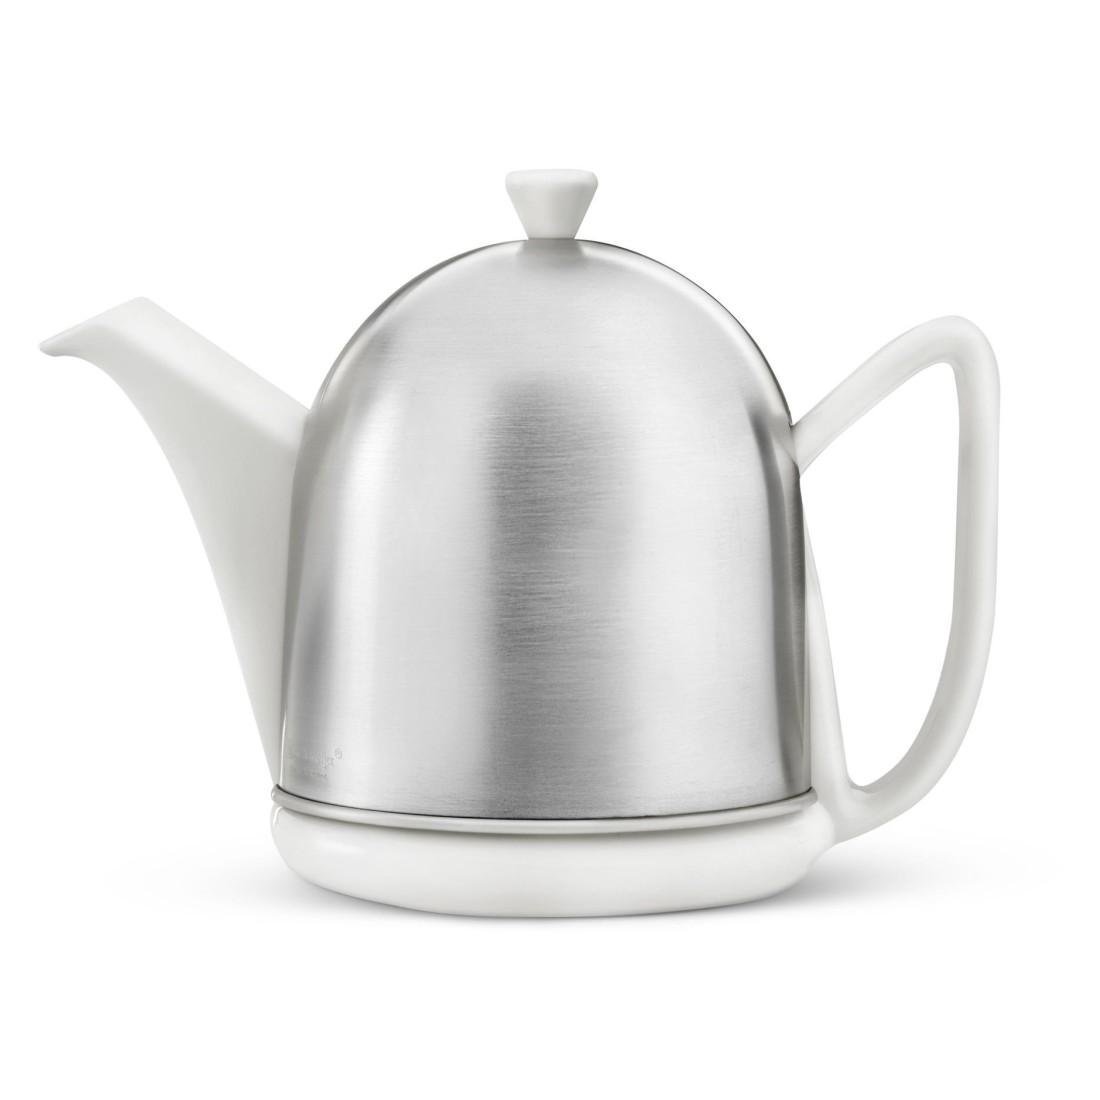 Teekanne Manto – matte Haube – Keramik/Edelstahl – Silber/Weiß – 1,0L, Bredemeijer günstig bestellen